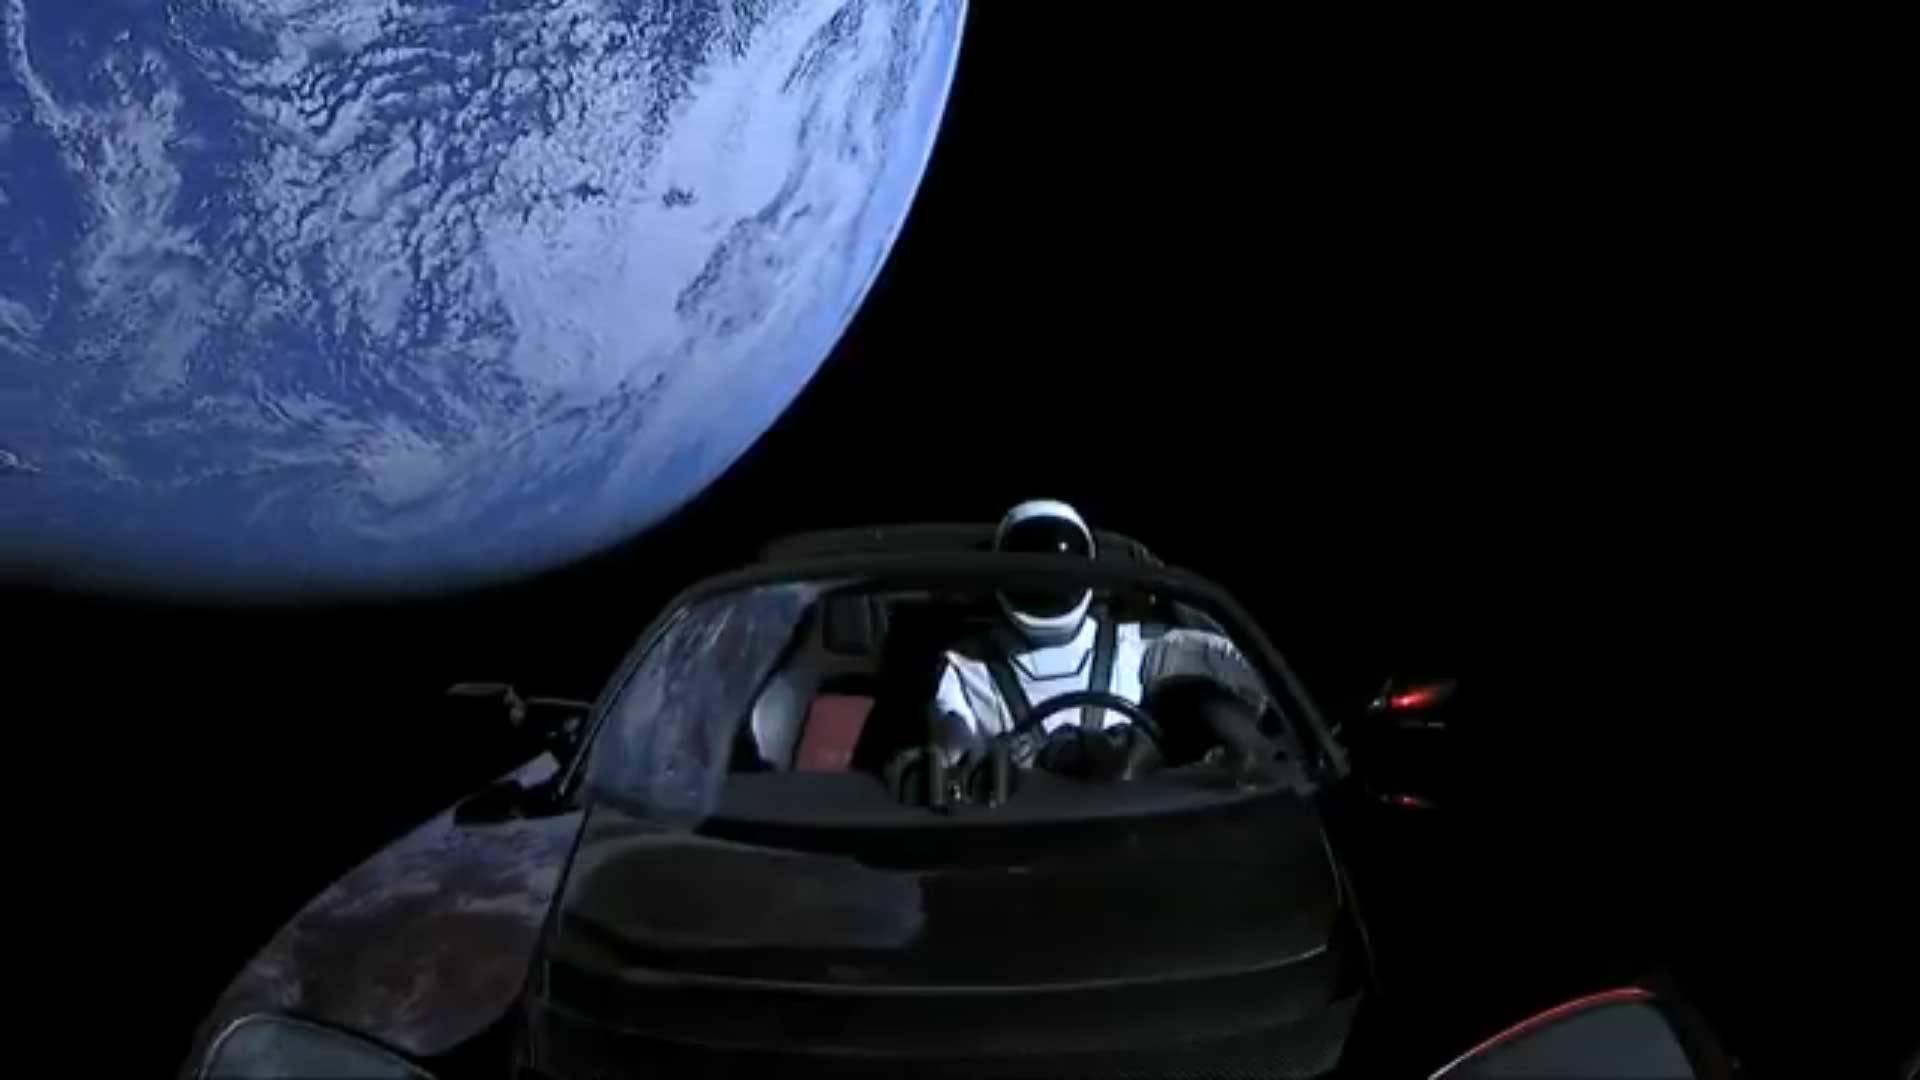 Elon Musk Car In Spac Wallpaper La Nasa Veut Emp 234 Cher L Envoi De Voitures Dans L Espace